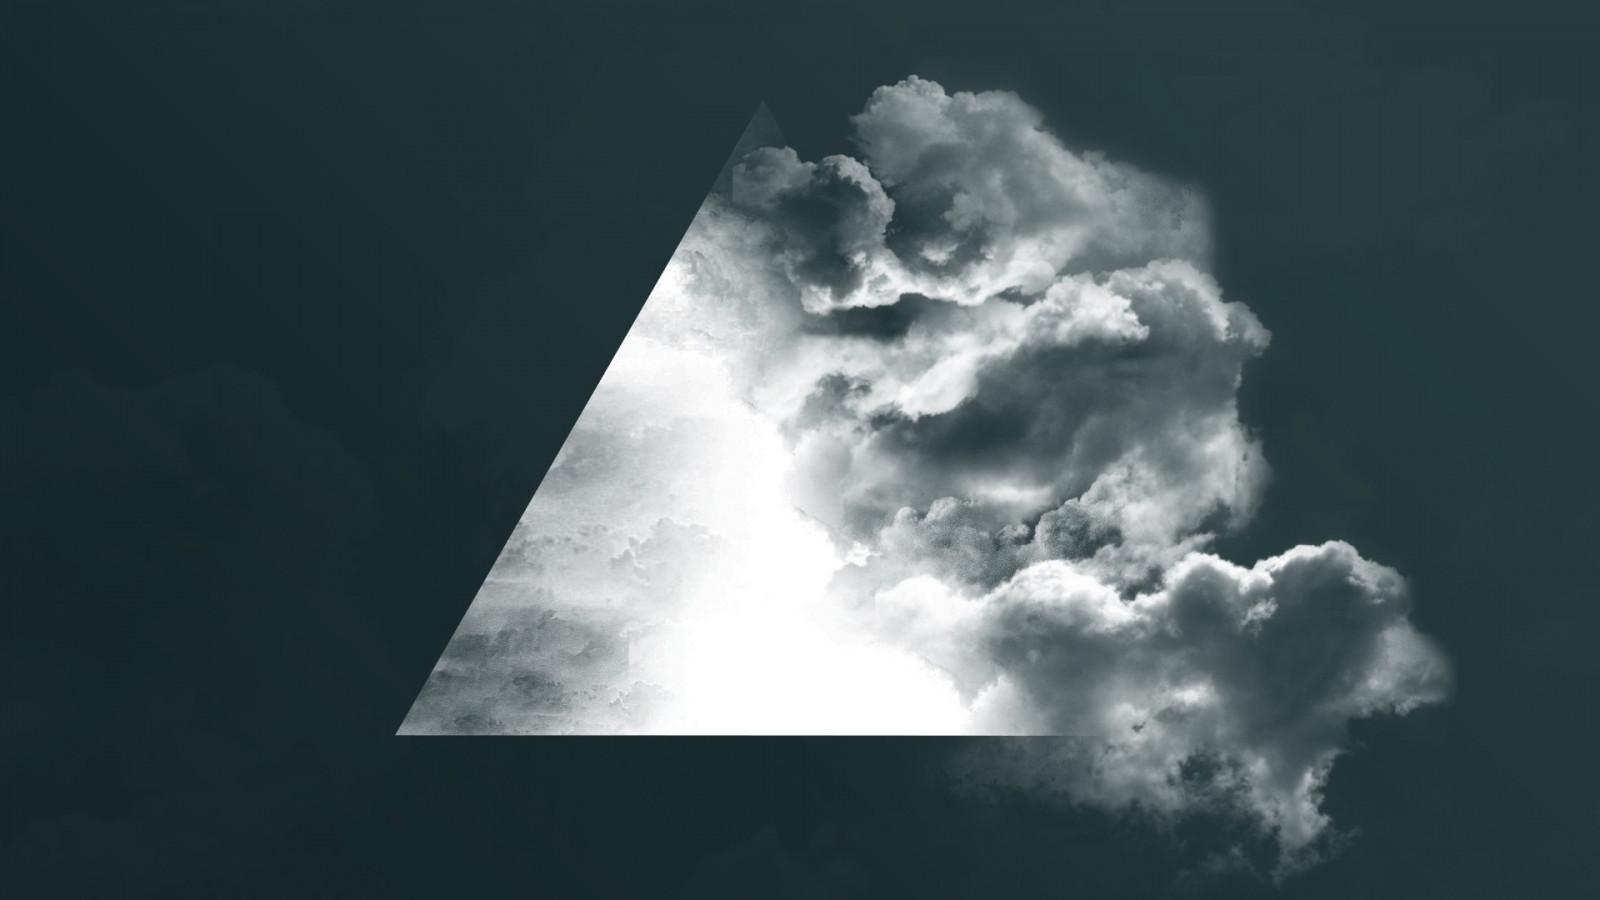 Smoke cloud hd wallpaper main